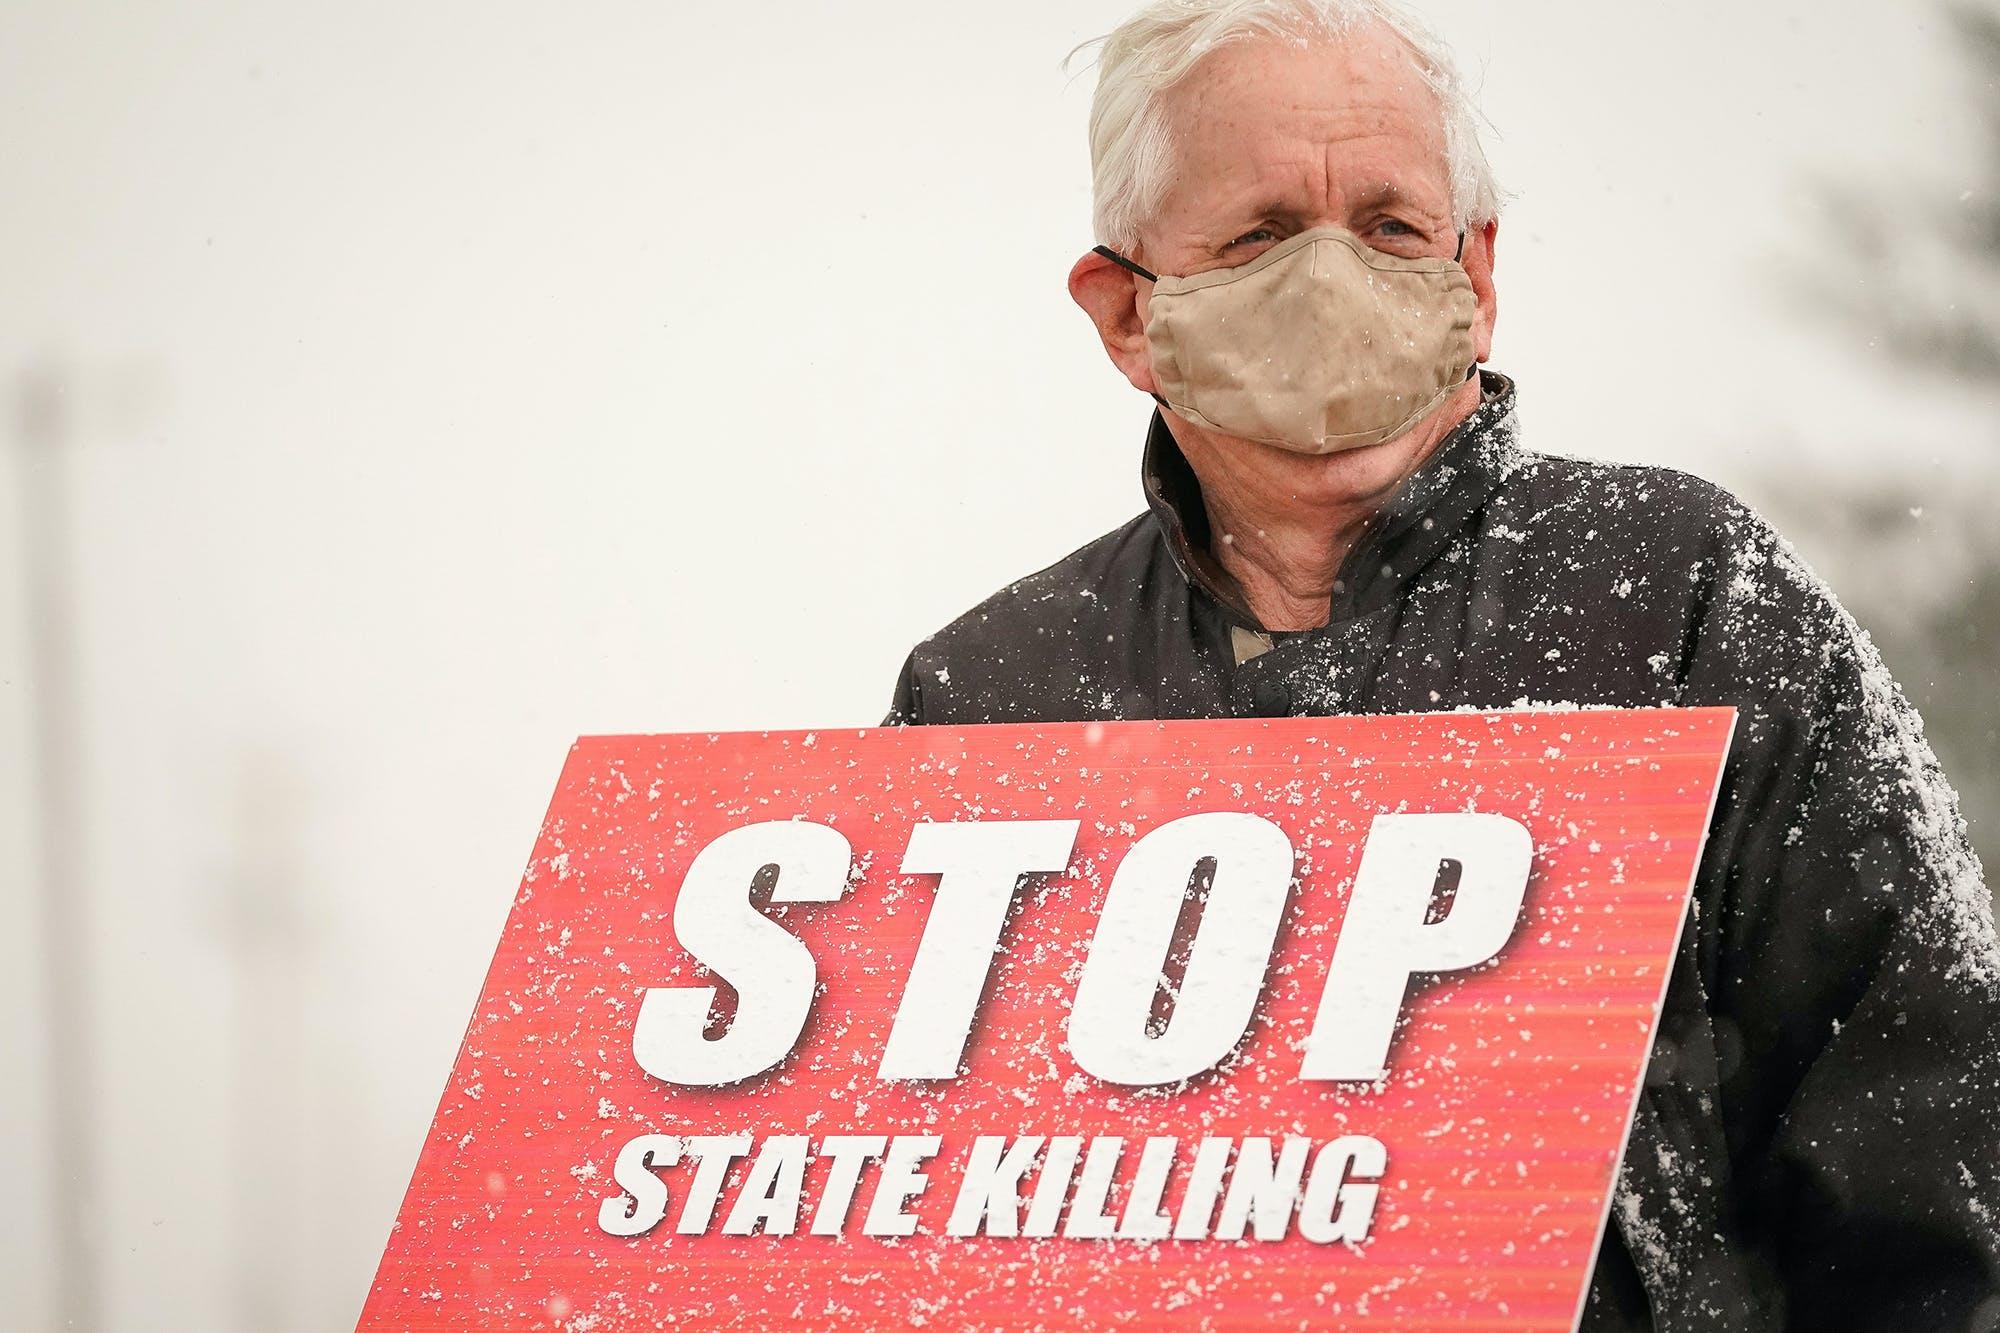 Un militant opposé à la peine de mort manifeste devant le pénitencier des États-Unis à Terre Haute, Indiana, 15 janvier 2021 REUTERS/Bryan Woolston